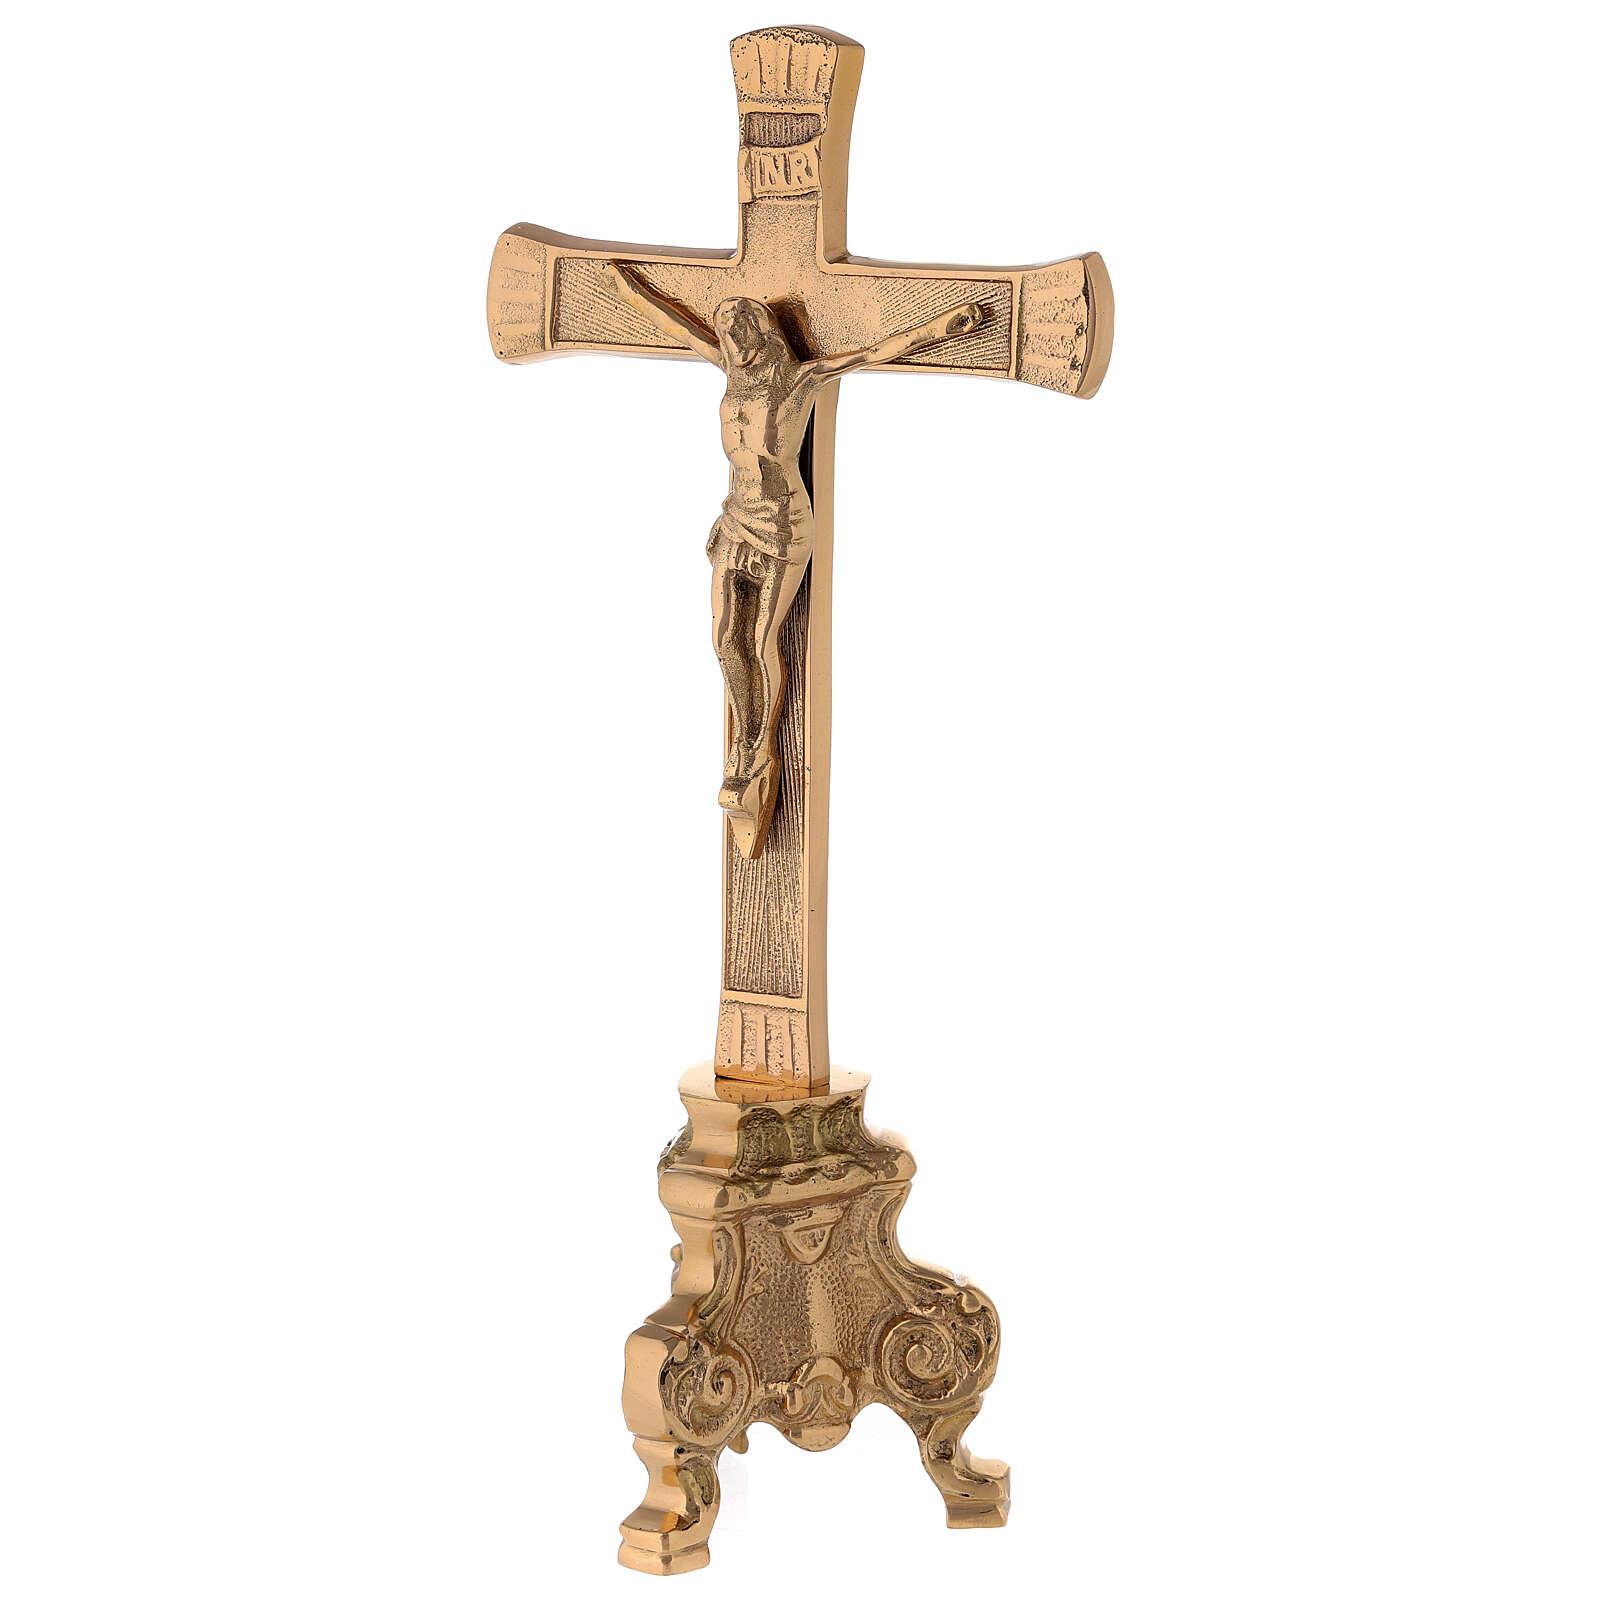 Croce per altare base barocca ottone dorato h 26 cm 4